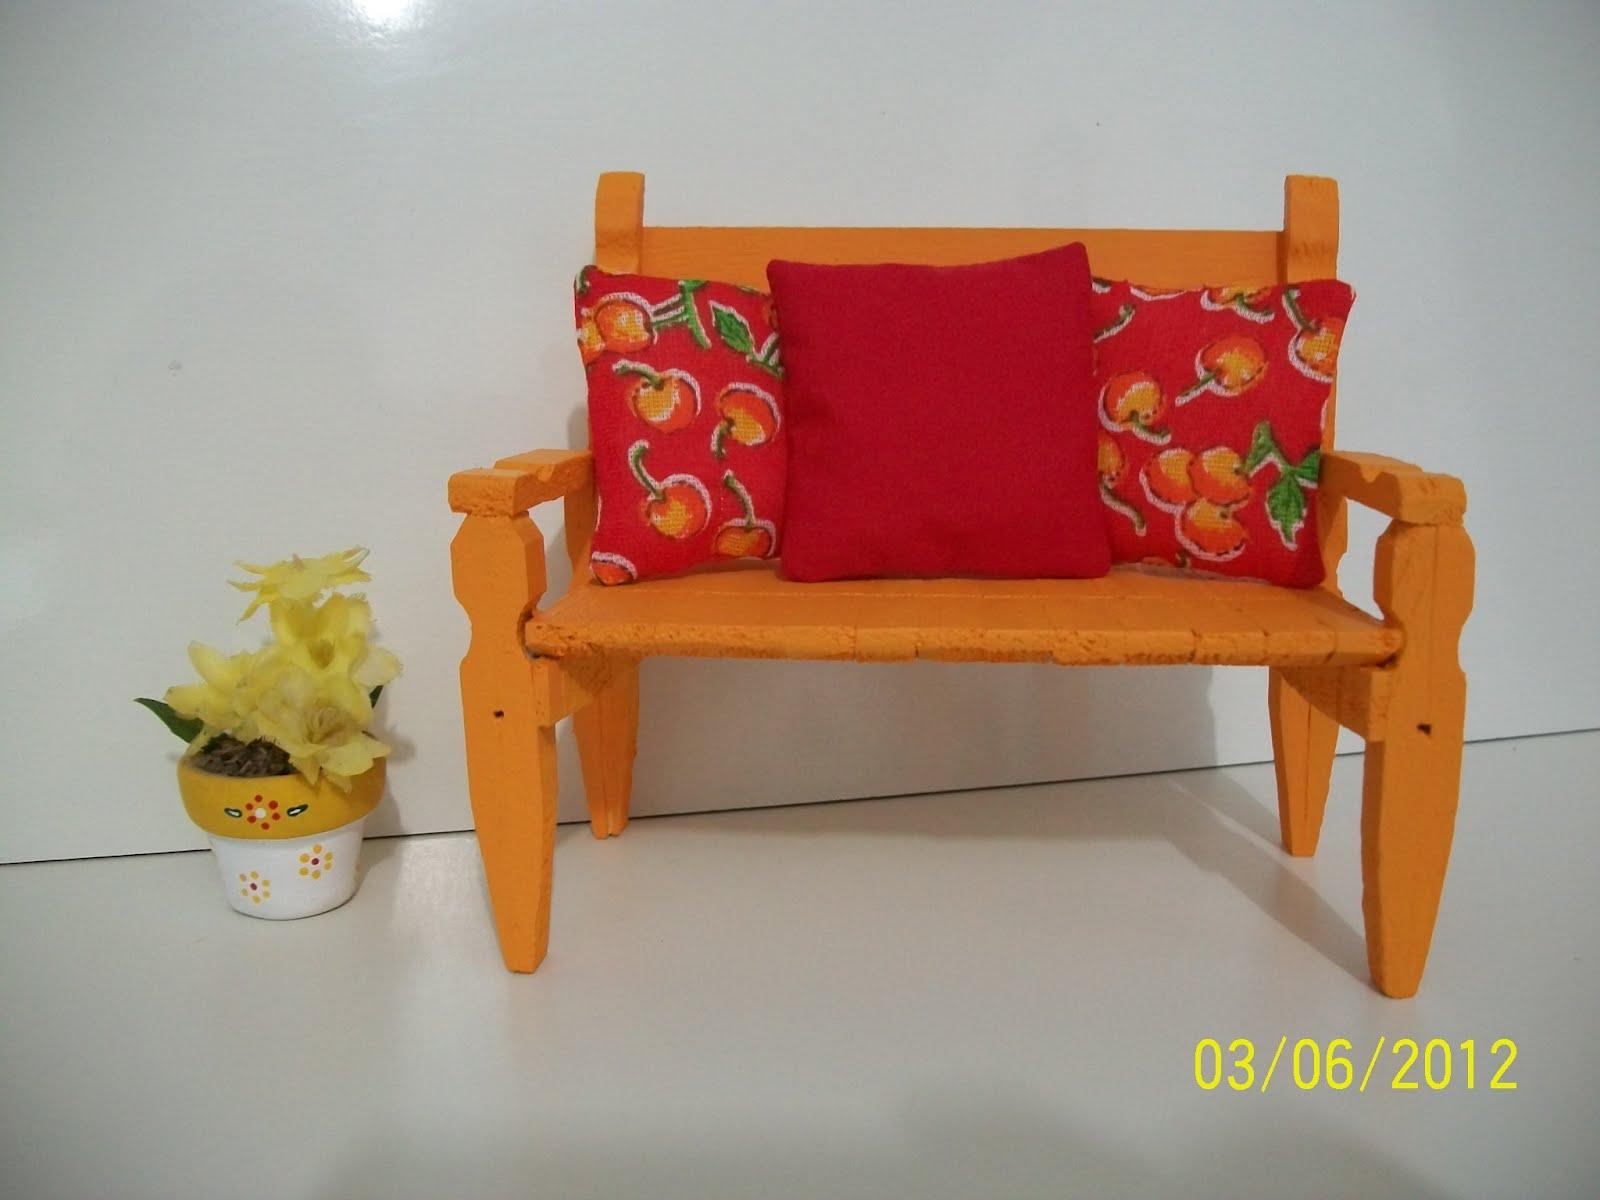 #971C18 Rosa flores: Cadeirinhas de pregadores de roupa 1600x1200 px cadeira de balanço com pregador @ bernauer.info Móveis Antigos Novos E Usados Online